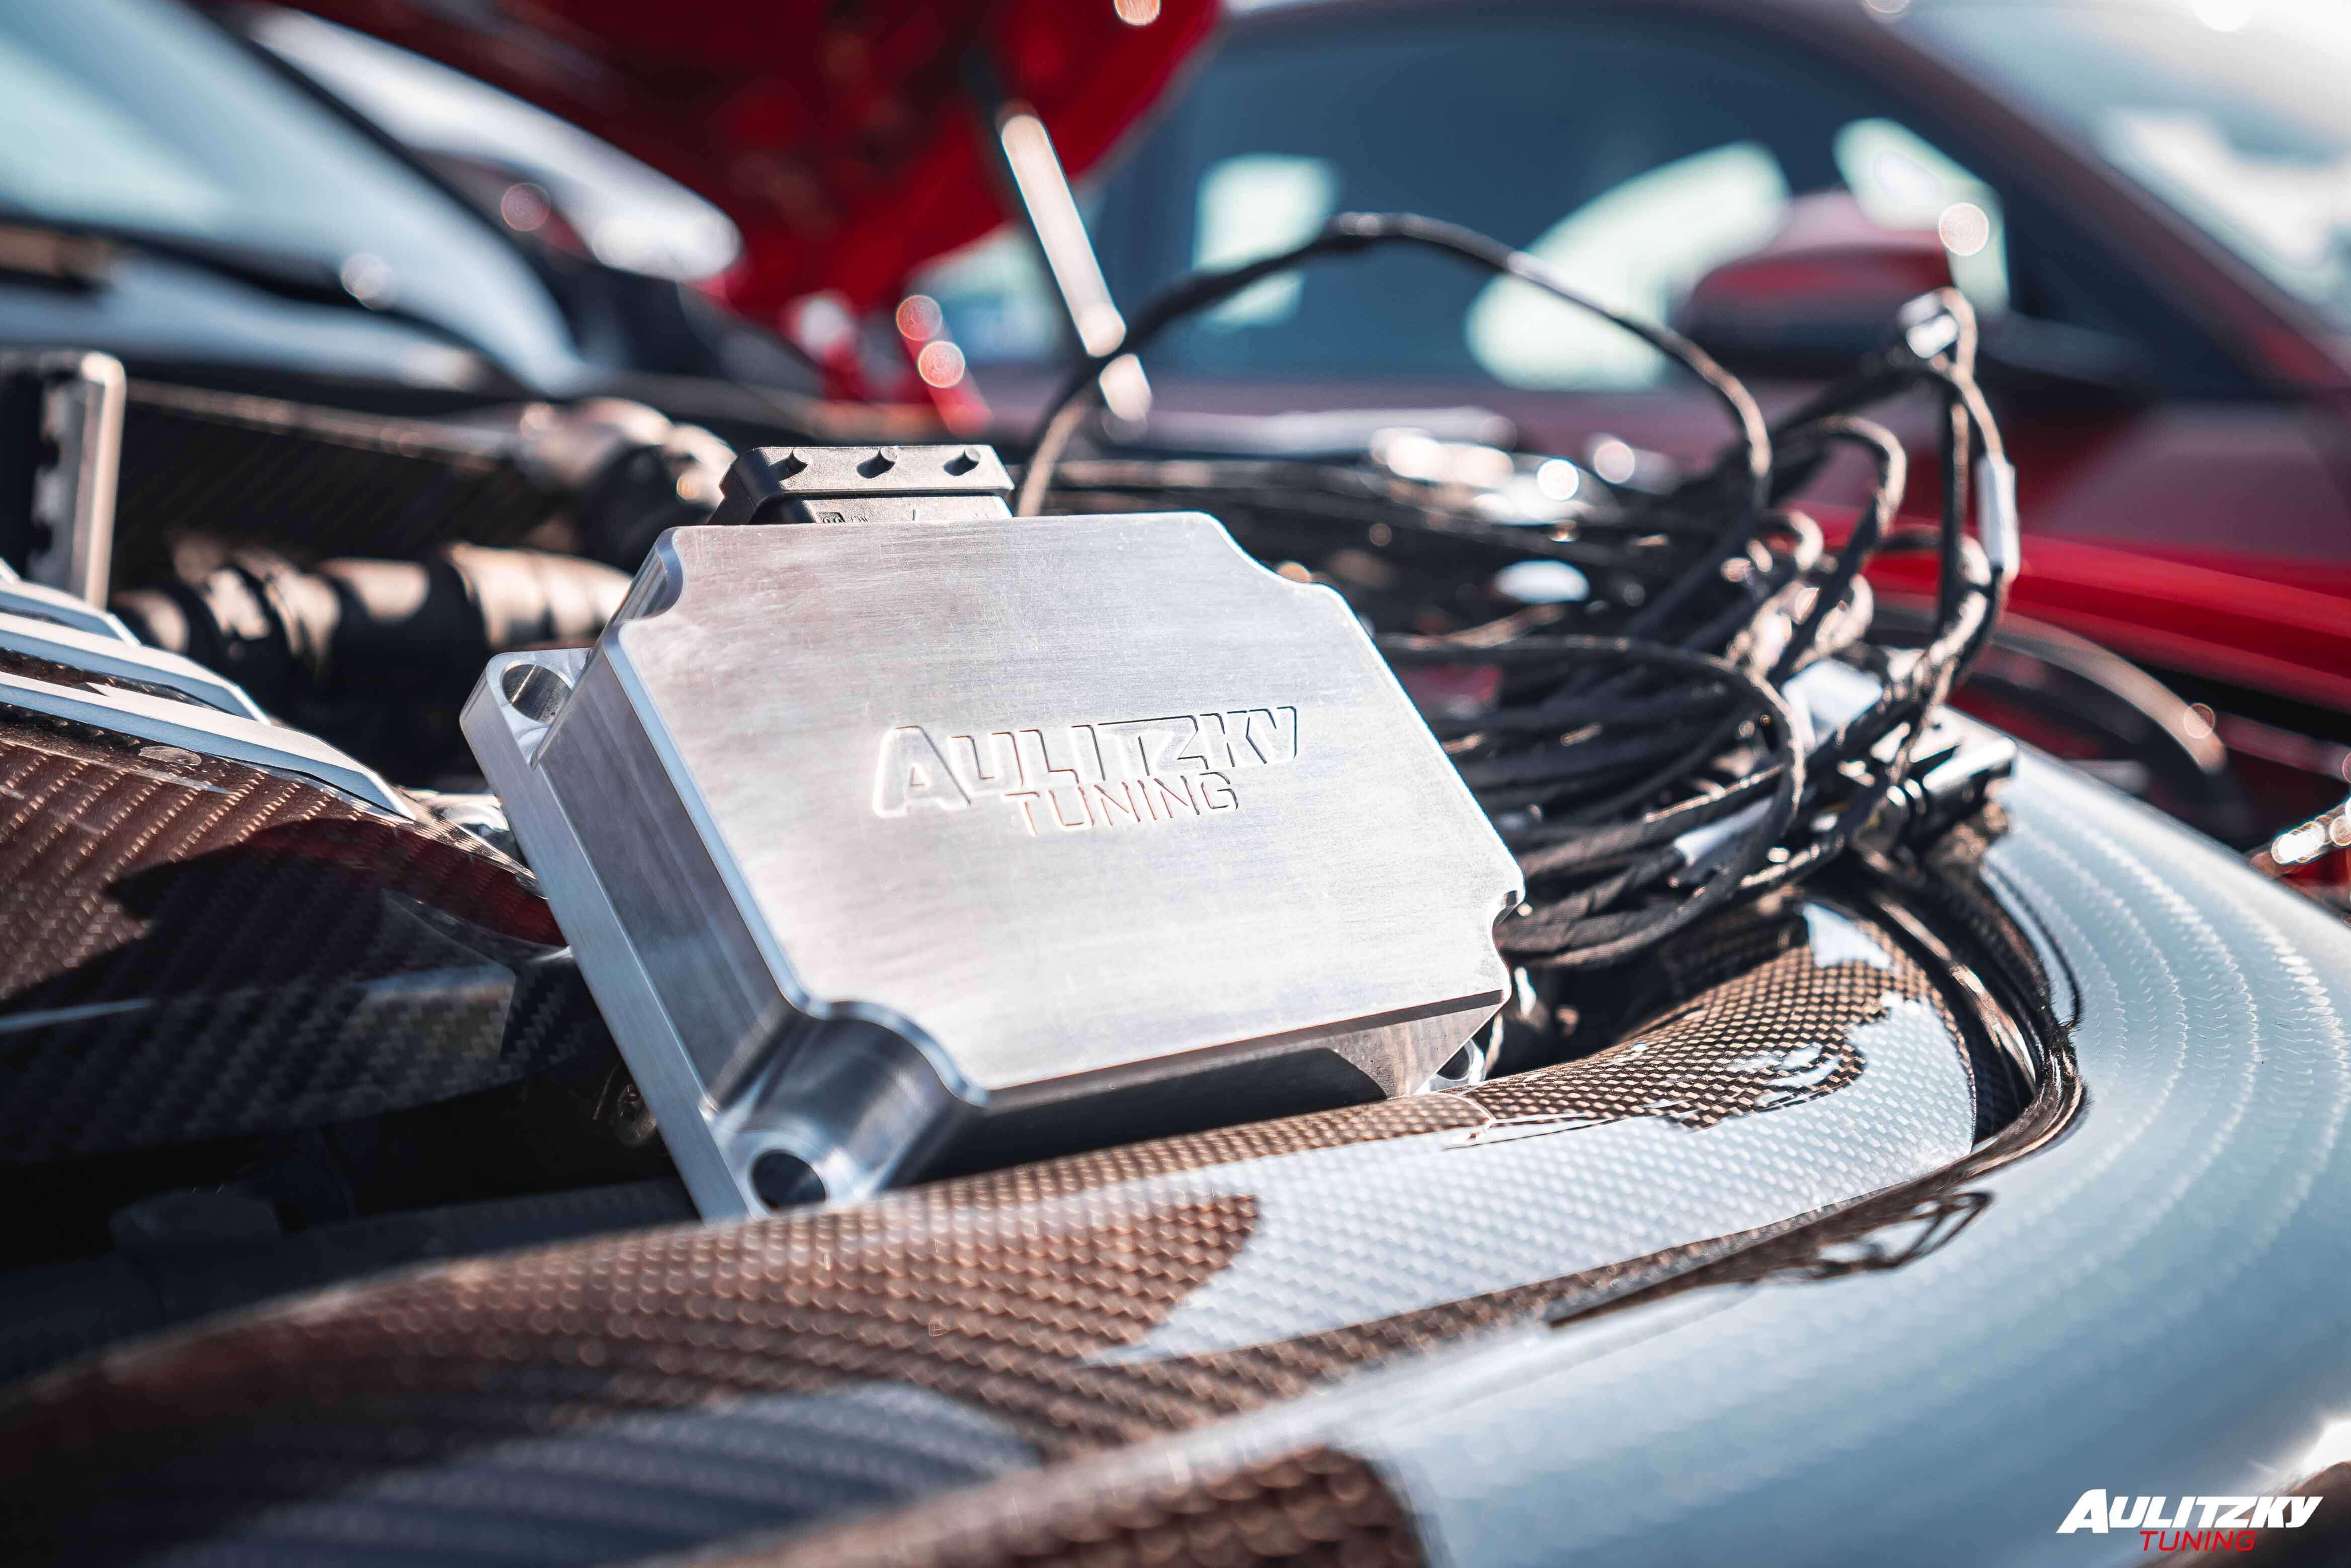 Aulitzky Tuning | Leistungssteigerung per Zusatzsteuergerät | BMW M3/M4 Competition G80/G82/G83